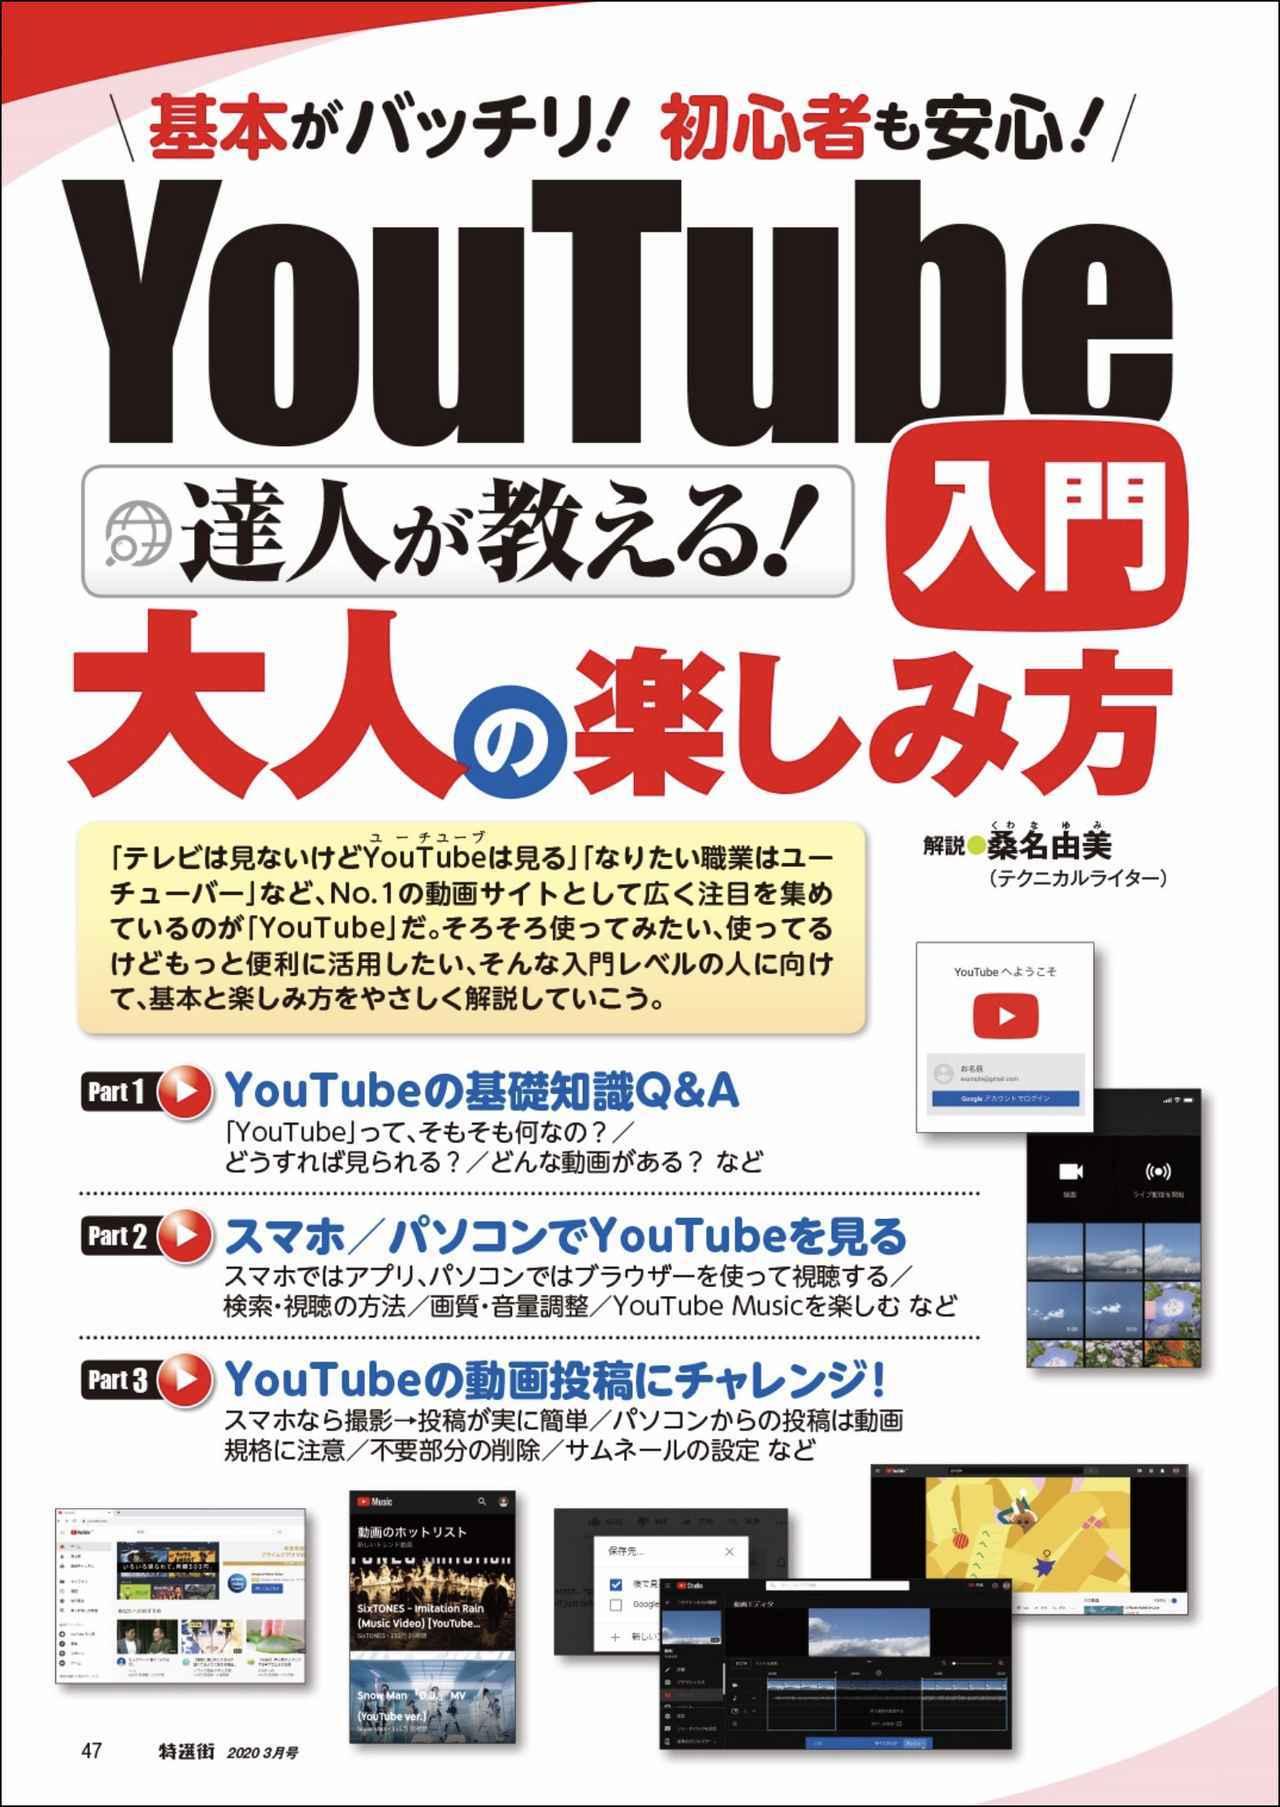 画像2: 『特選街』3月号 本日発売です! 今や欠かせない「Wi-Fi」の基本と、大人気「YouTube」の楽しみ方を大特集!